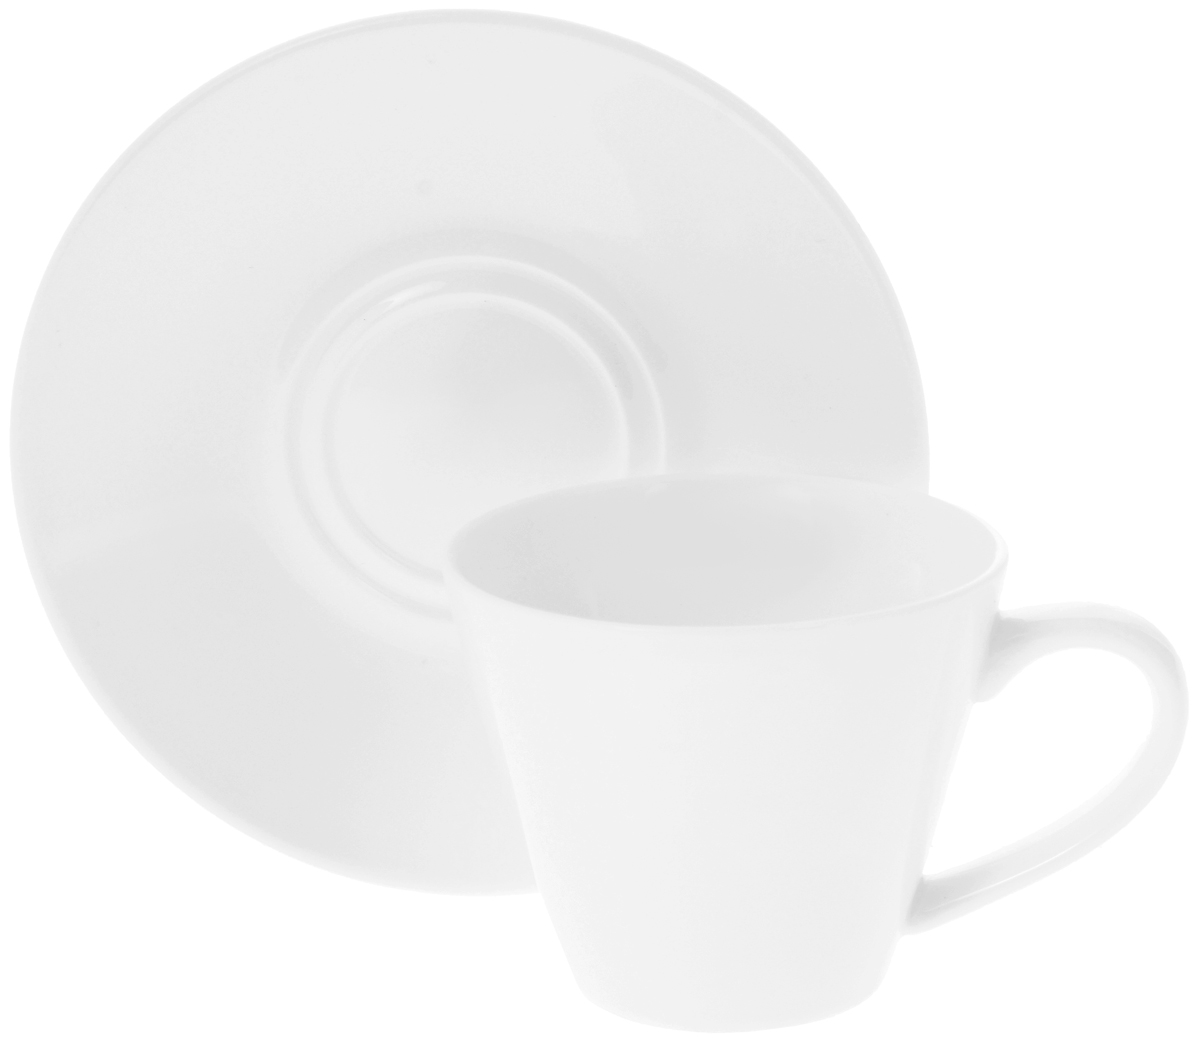 Фото - Чайная пара Wilmax, 2 предмета. WL-993004 [супермаркет] jingdong геб scybe фил приблизительно круглая чашка установлена в вертикальном положении стеклянной чашки 290мла 6 z